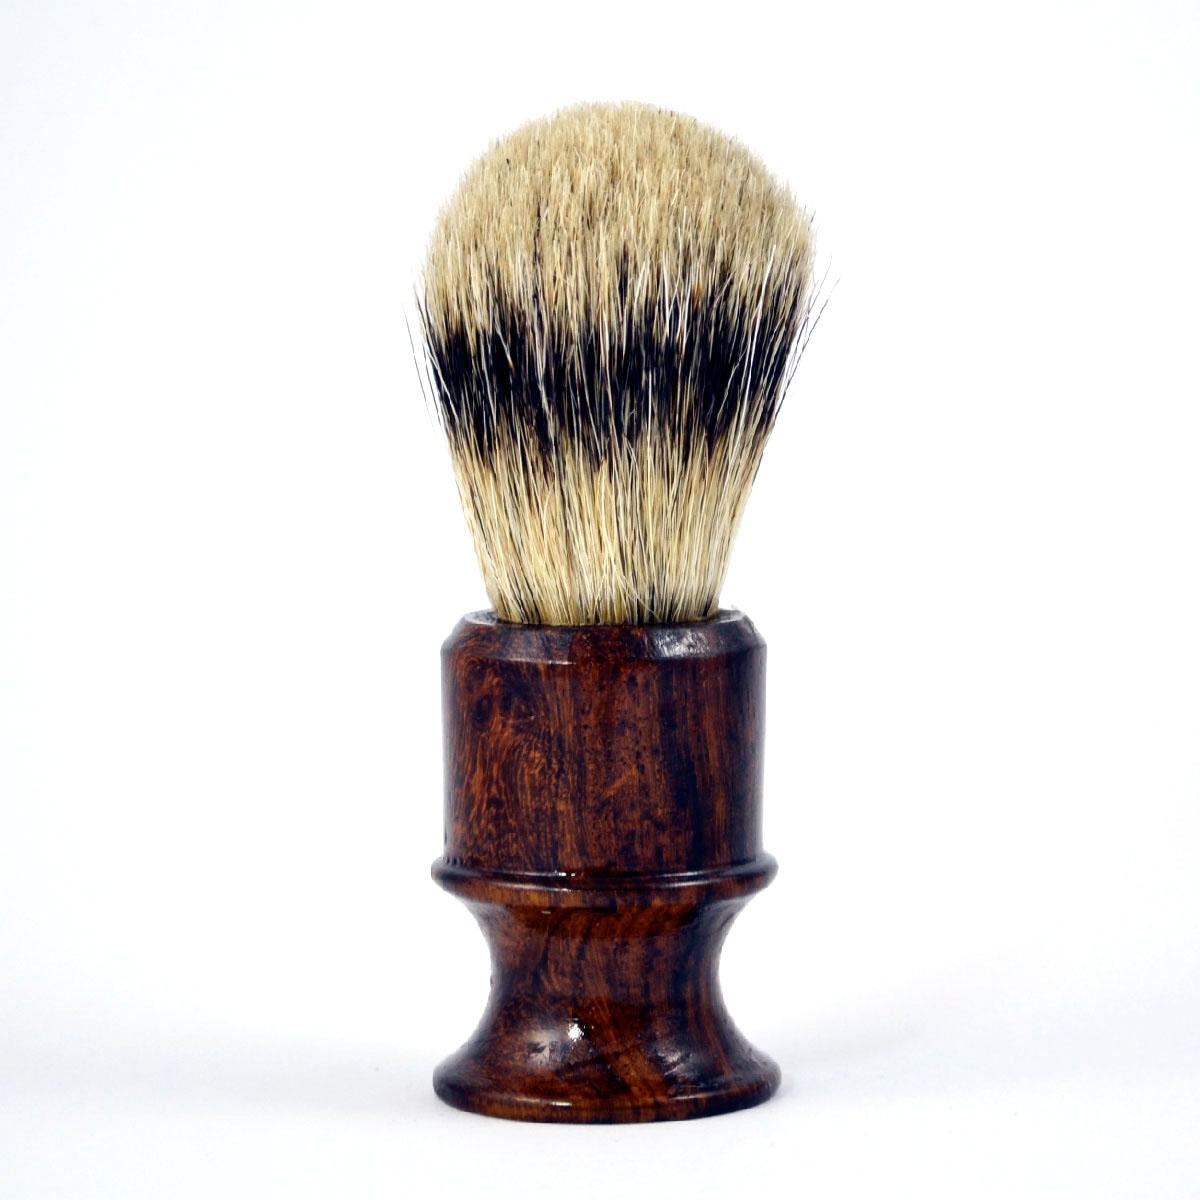 Metzger Кисточка для Бритья из Барсучьего Волоса с Деревянным Темно-Коричневым Основанием